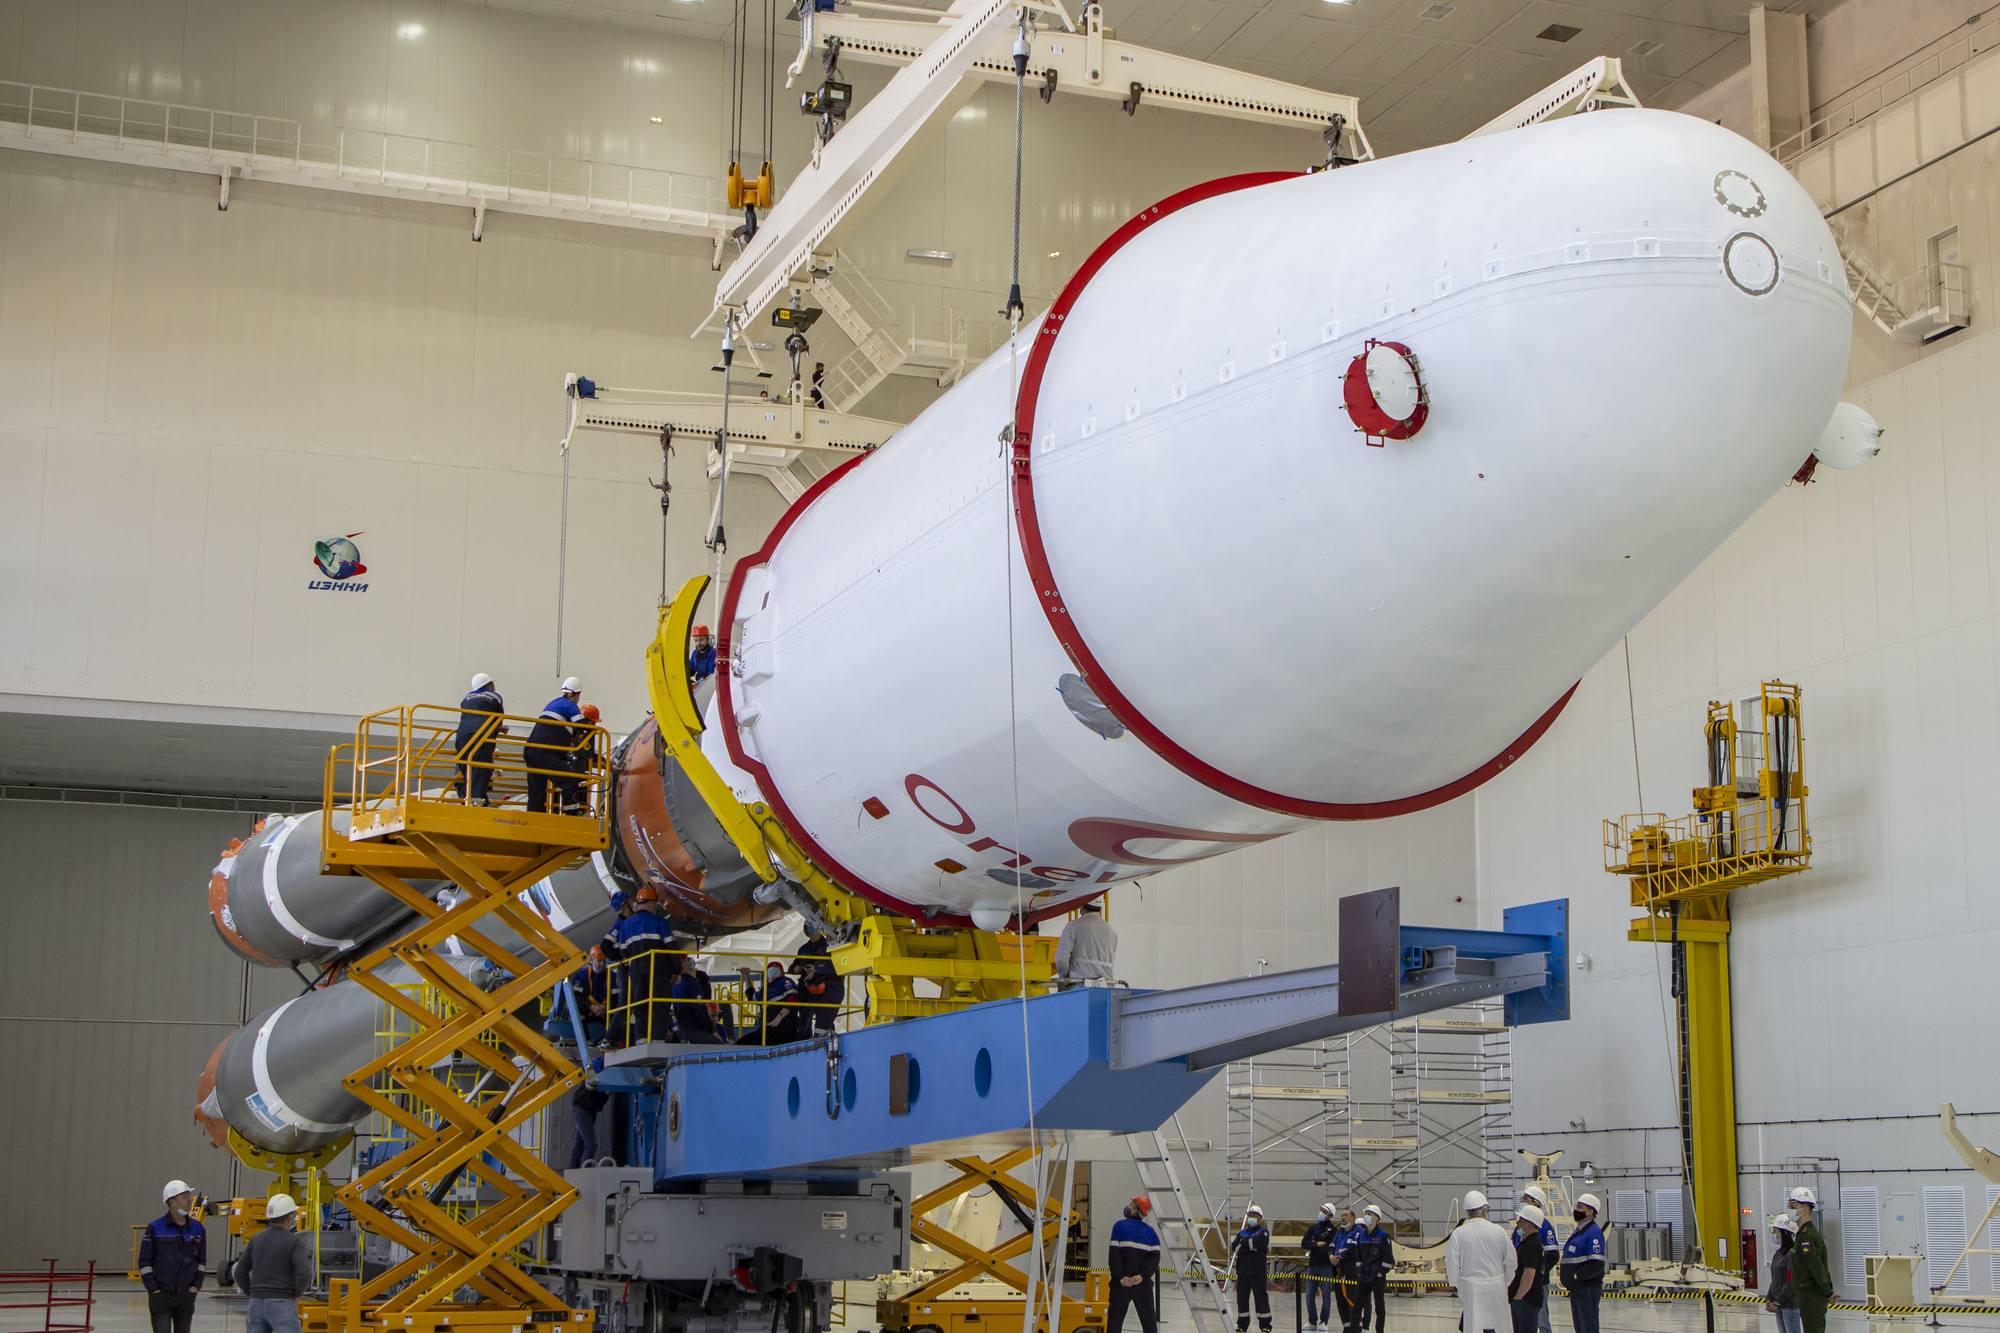 Le lanceur Soyouz 2.1b au moment de son assemblage sur le transporteur-érecteur dans le MIK de Vostochny.